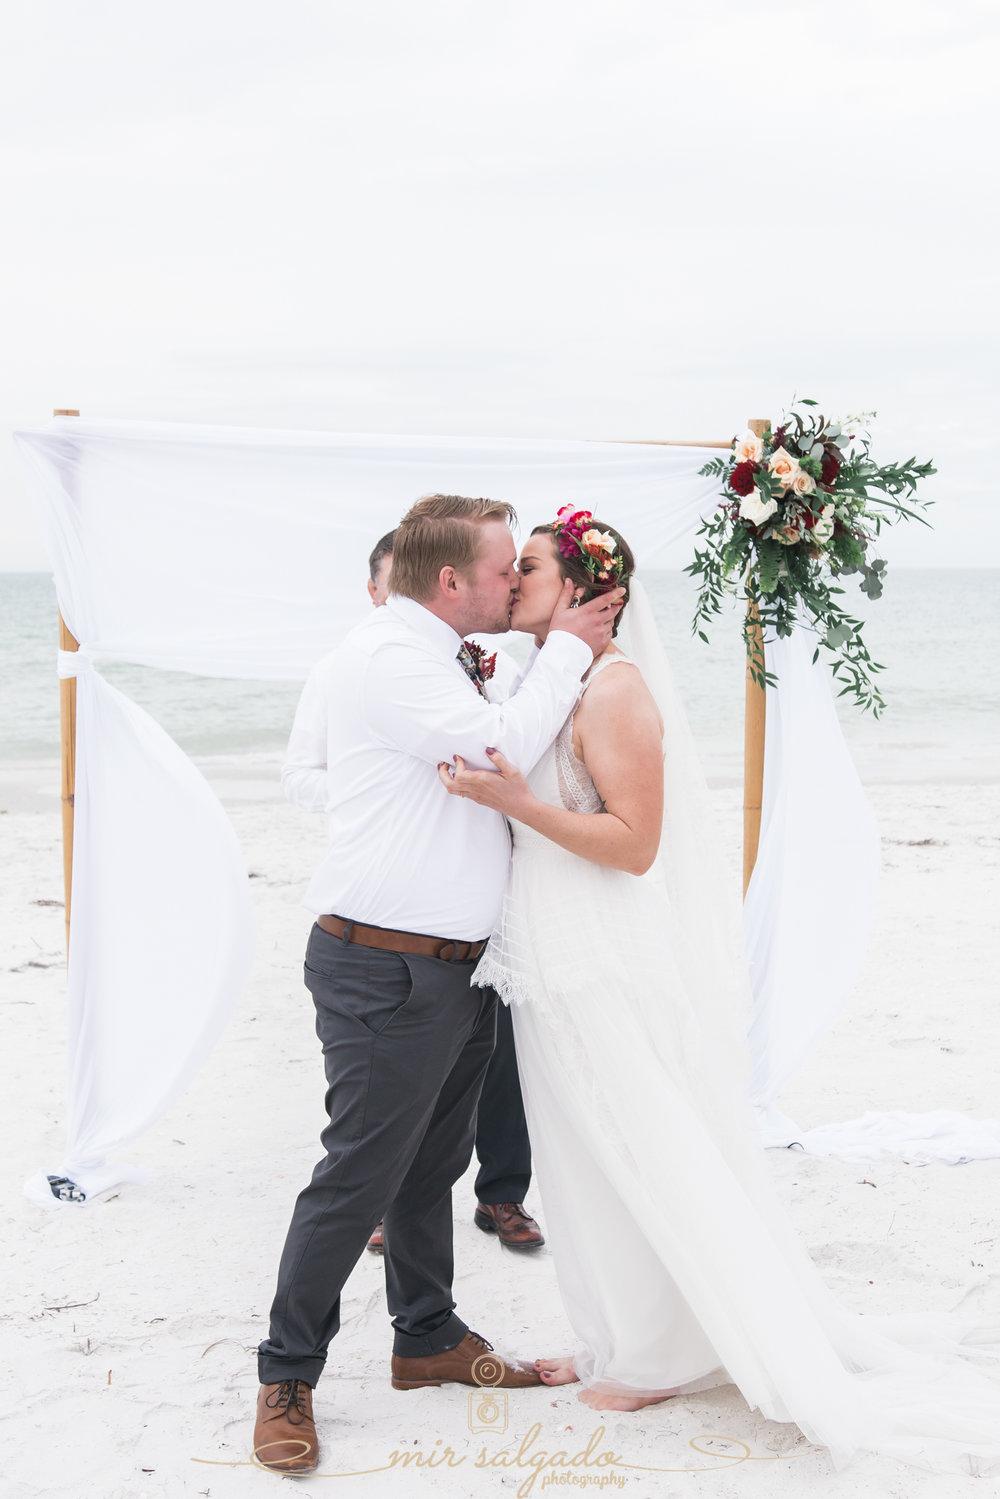 first-kiss-at-the-beach, beach-wedding-photo